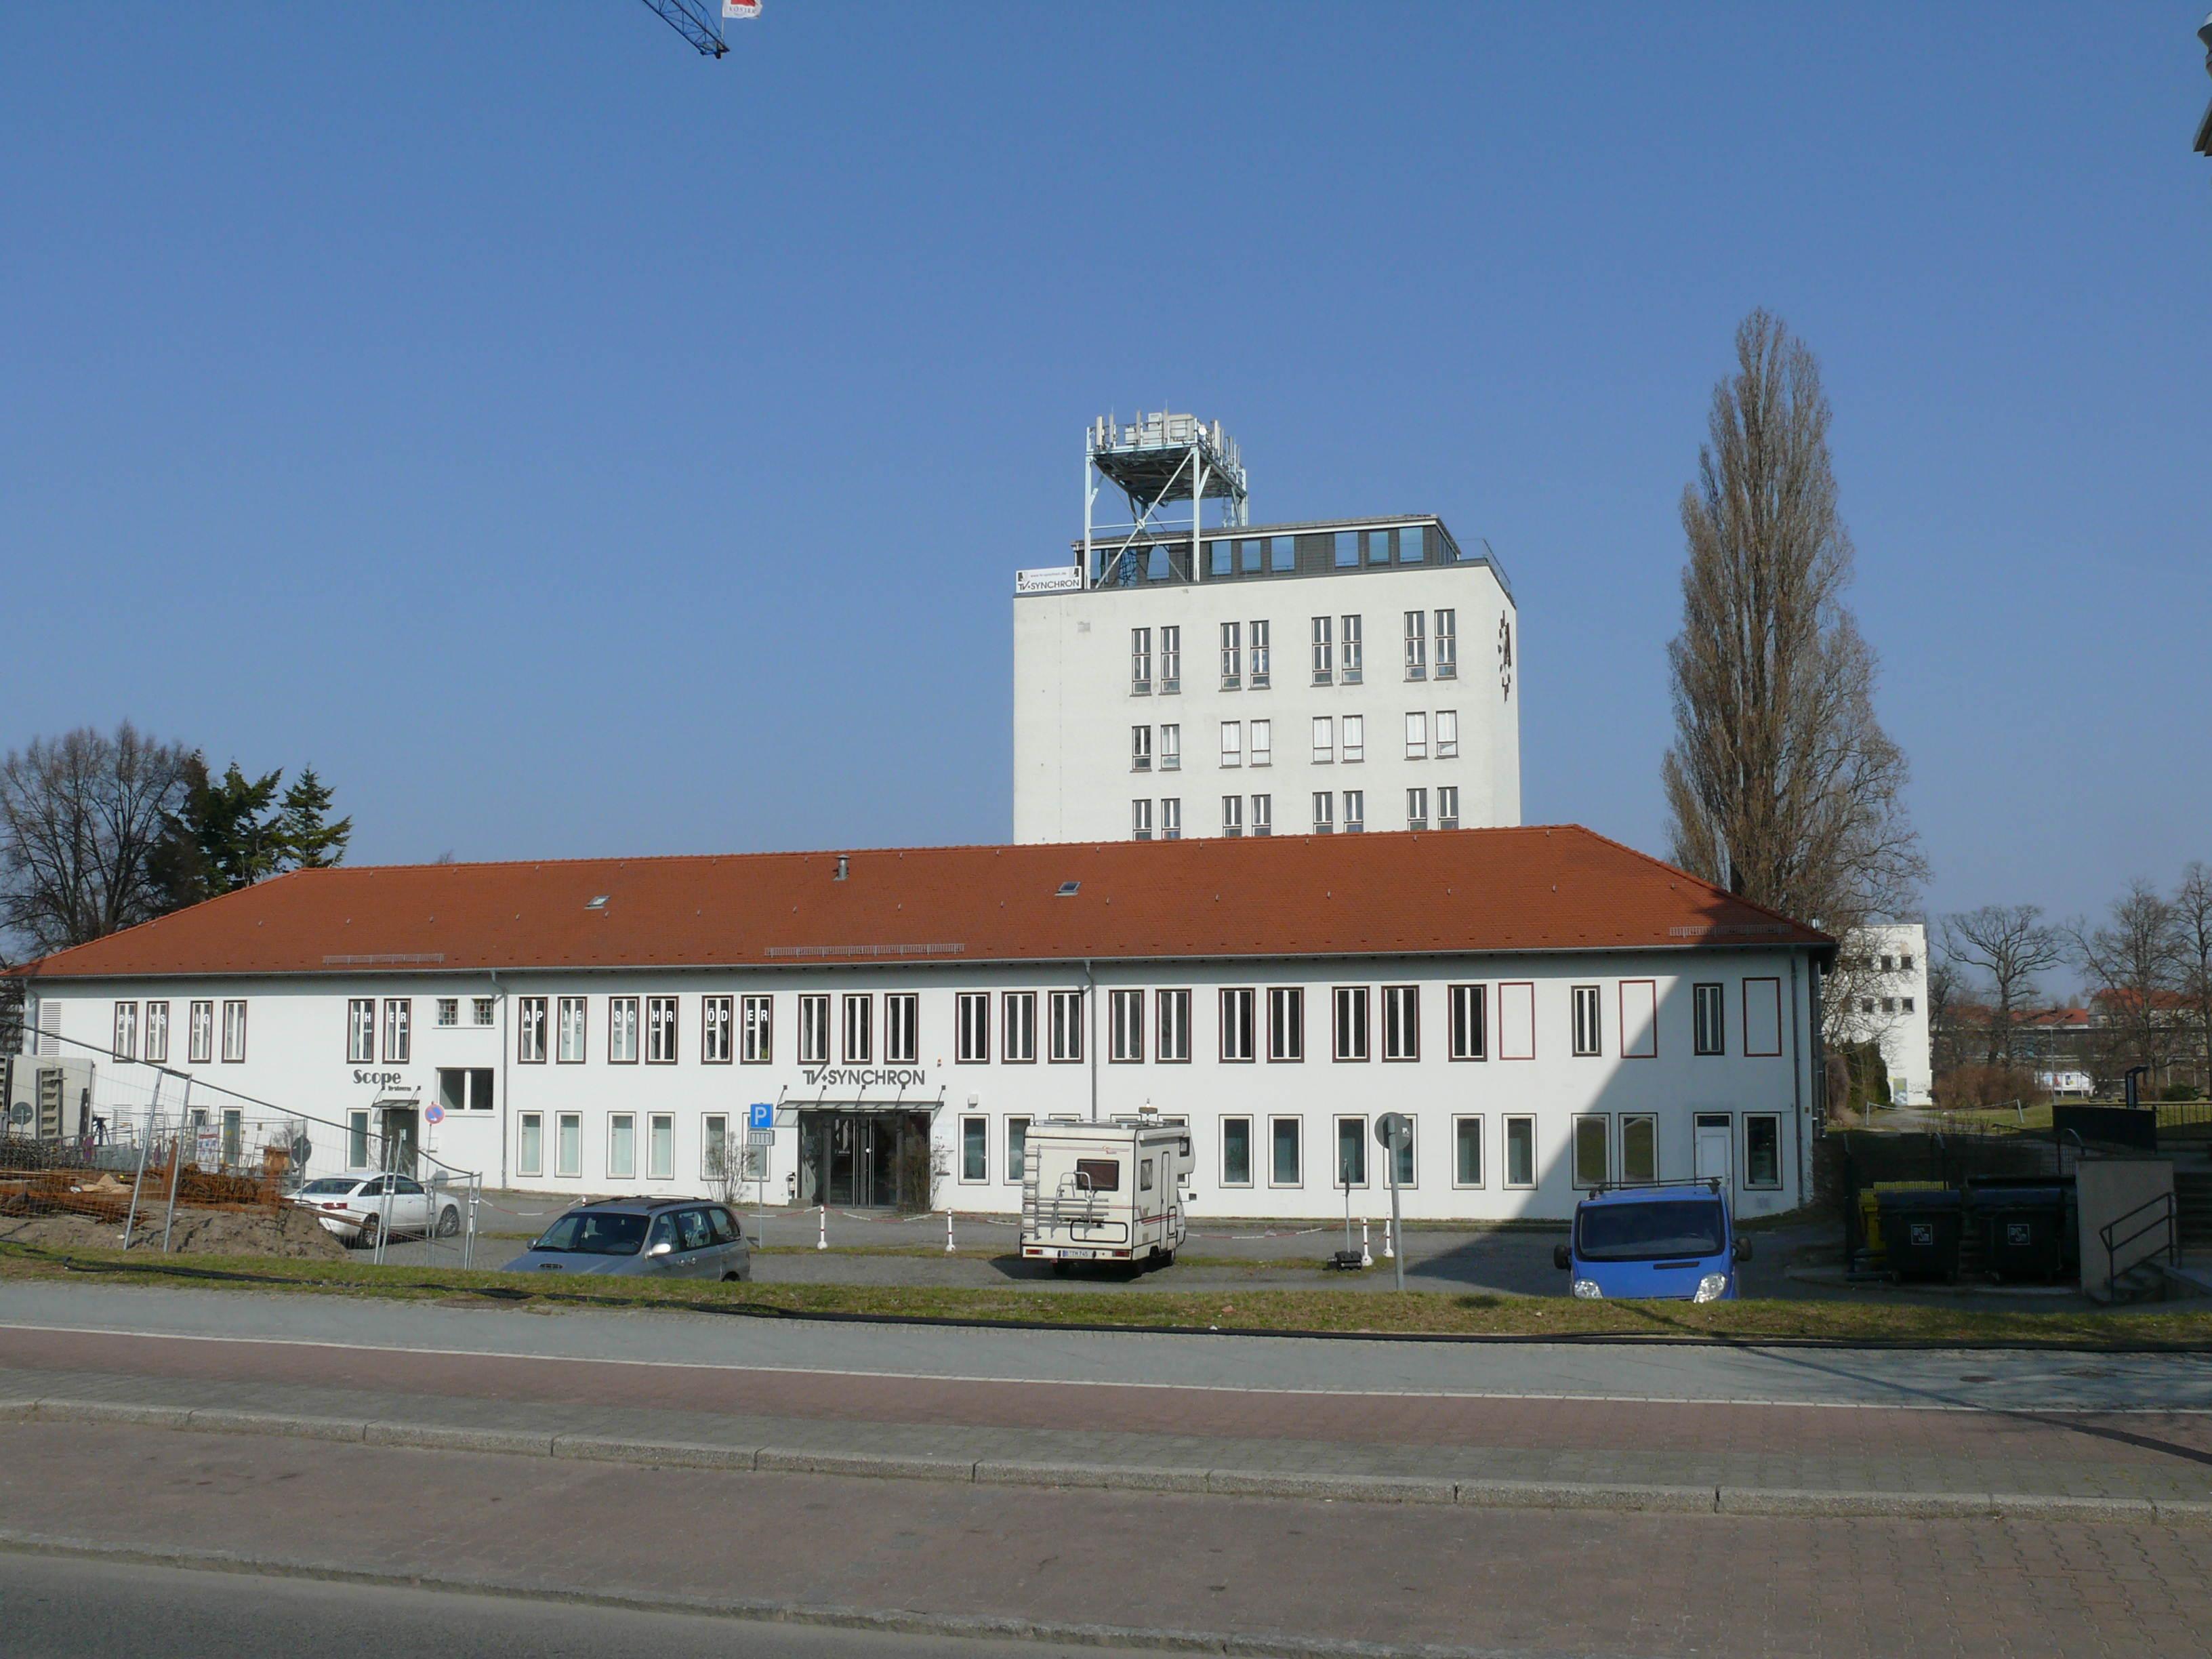 Italiener Berlin Adlershof